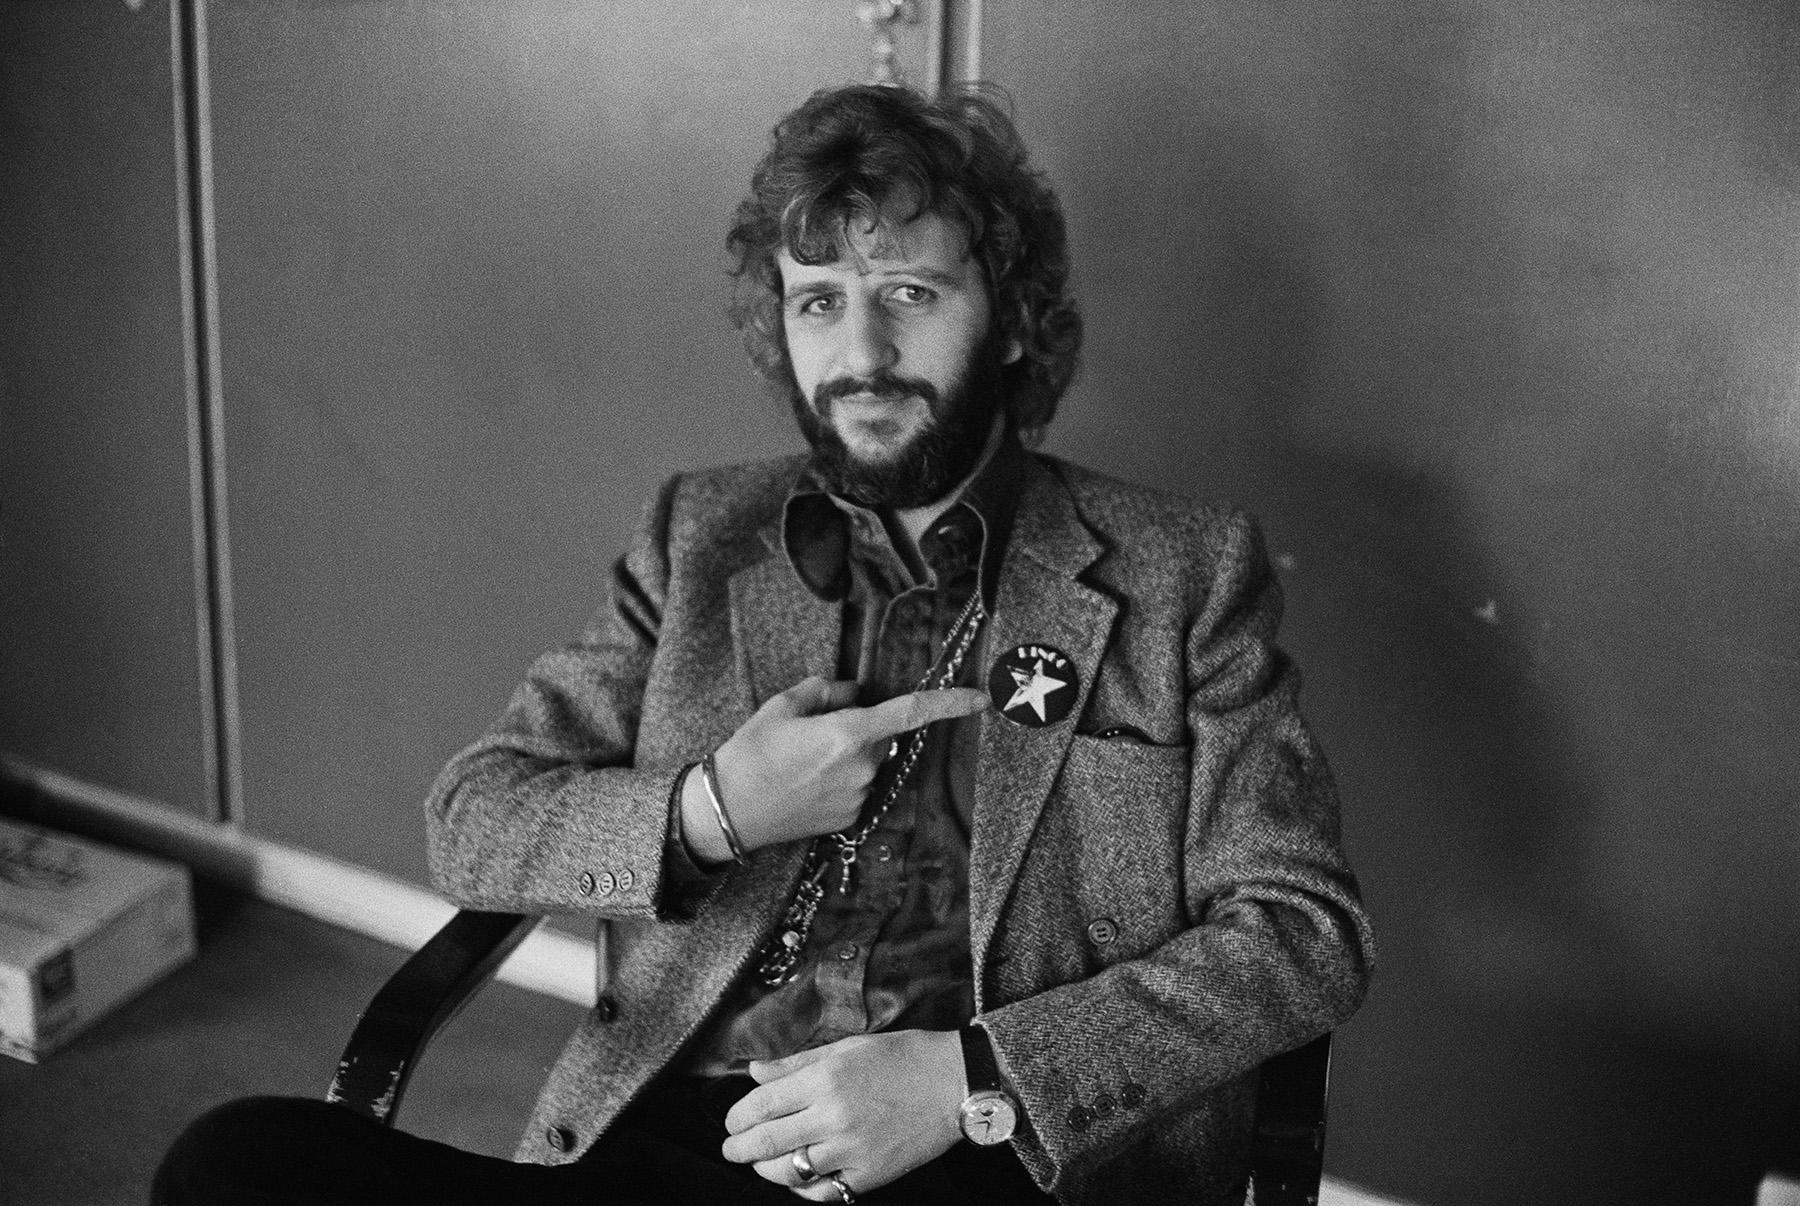 Ringo Starr in 1973